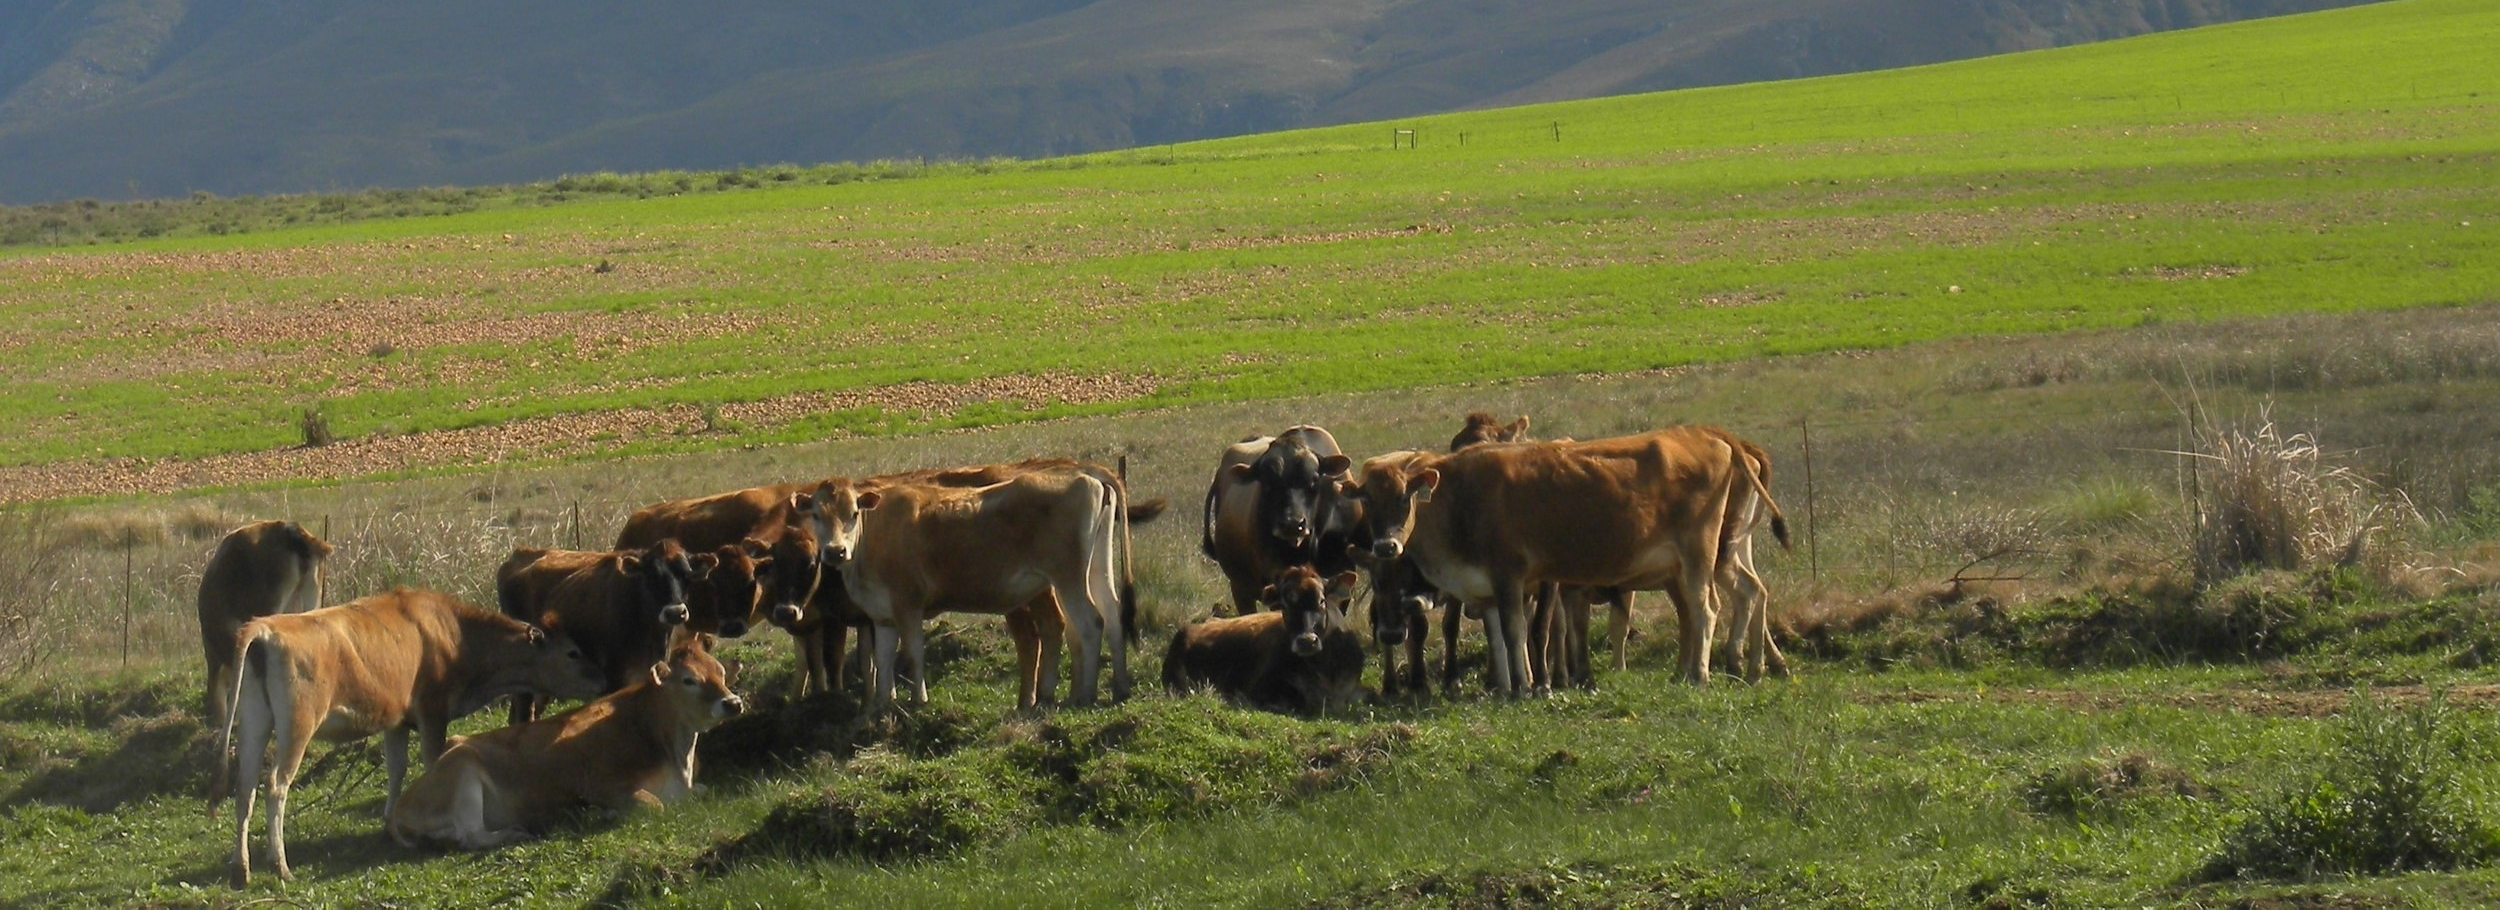 overberg vet cattle3.jpg